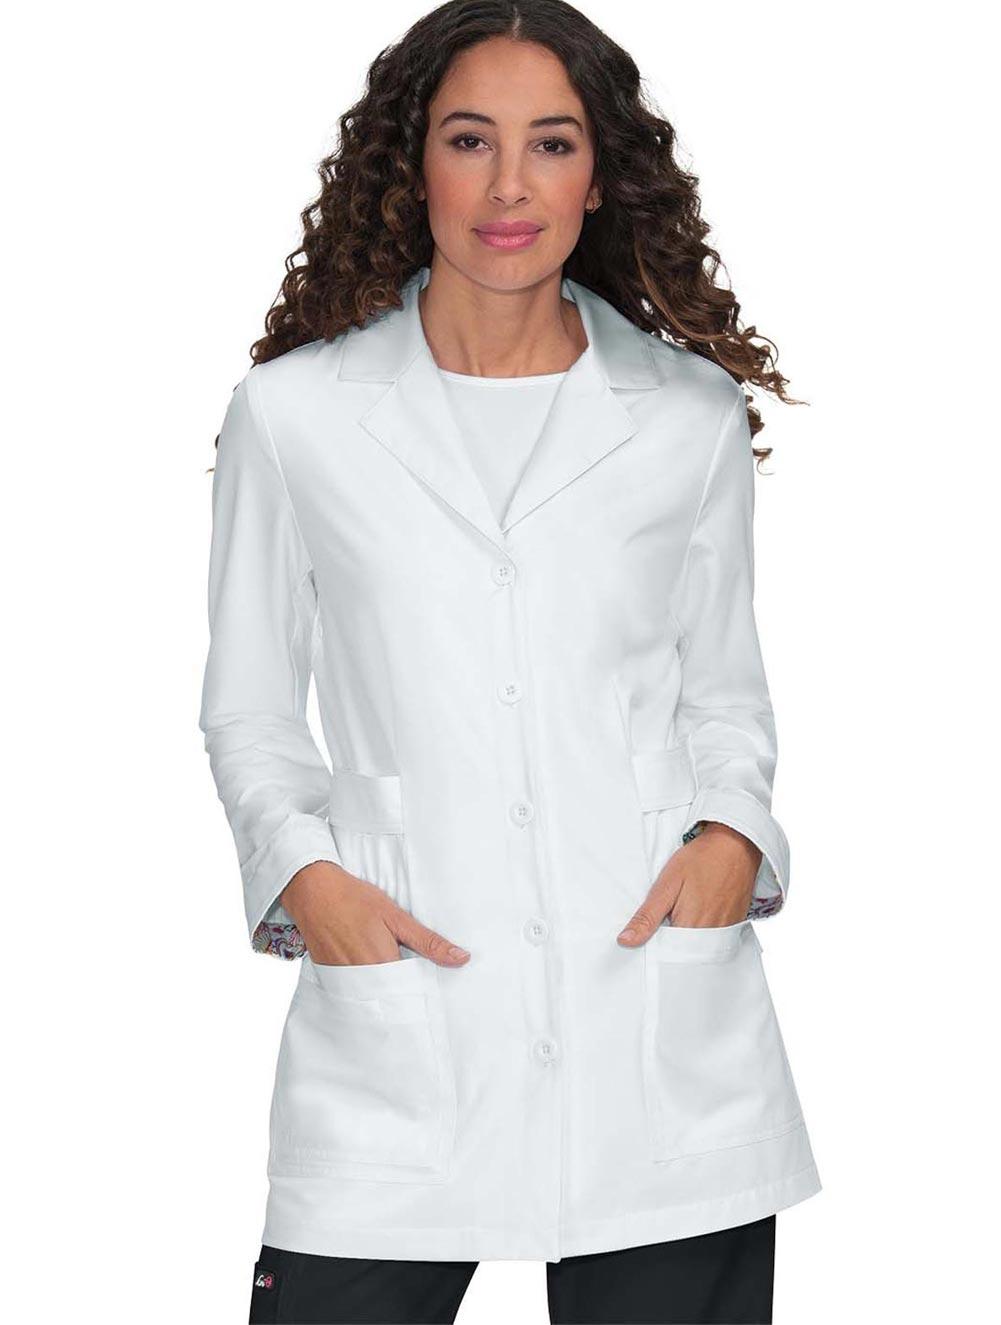 'Janice' Women's Lab Coat